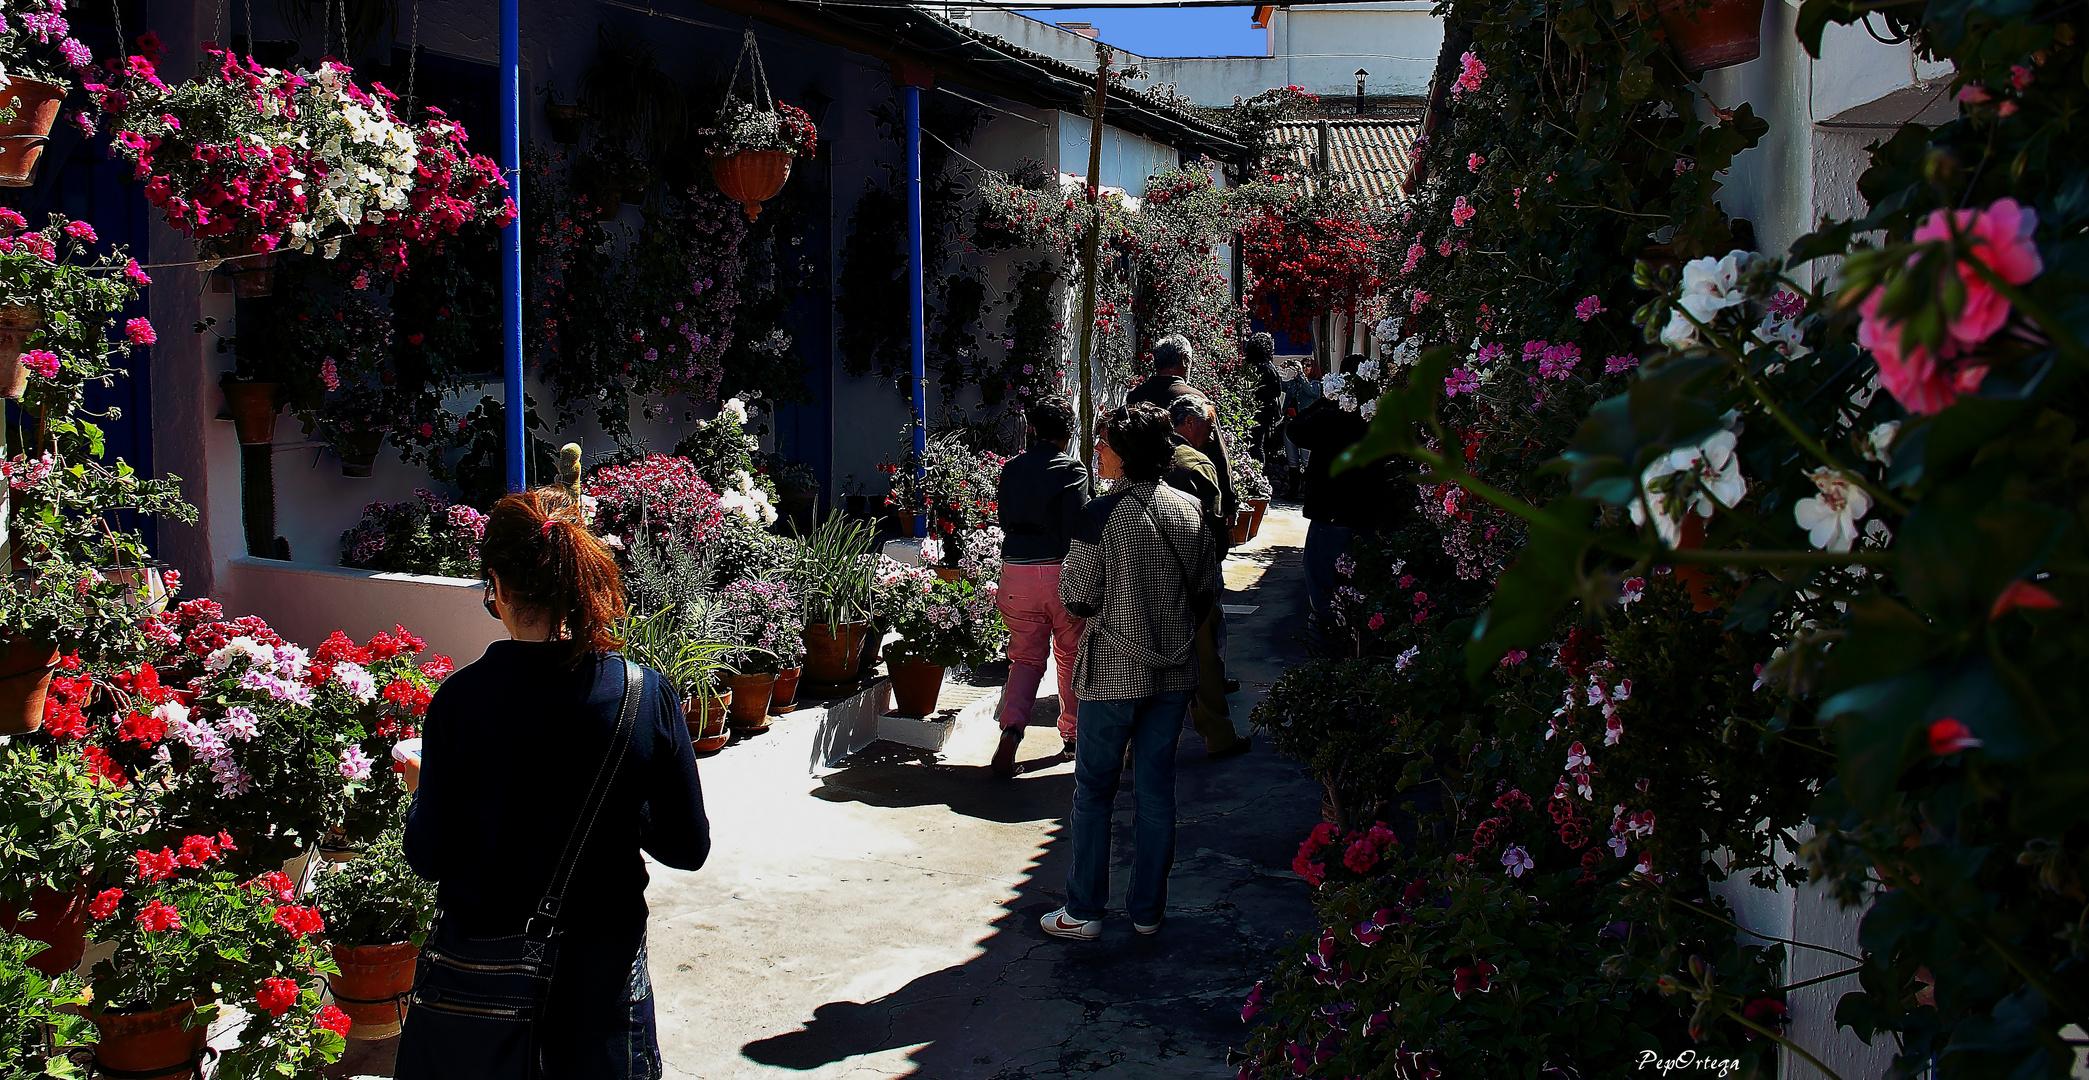 Calle Marroquíes